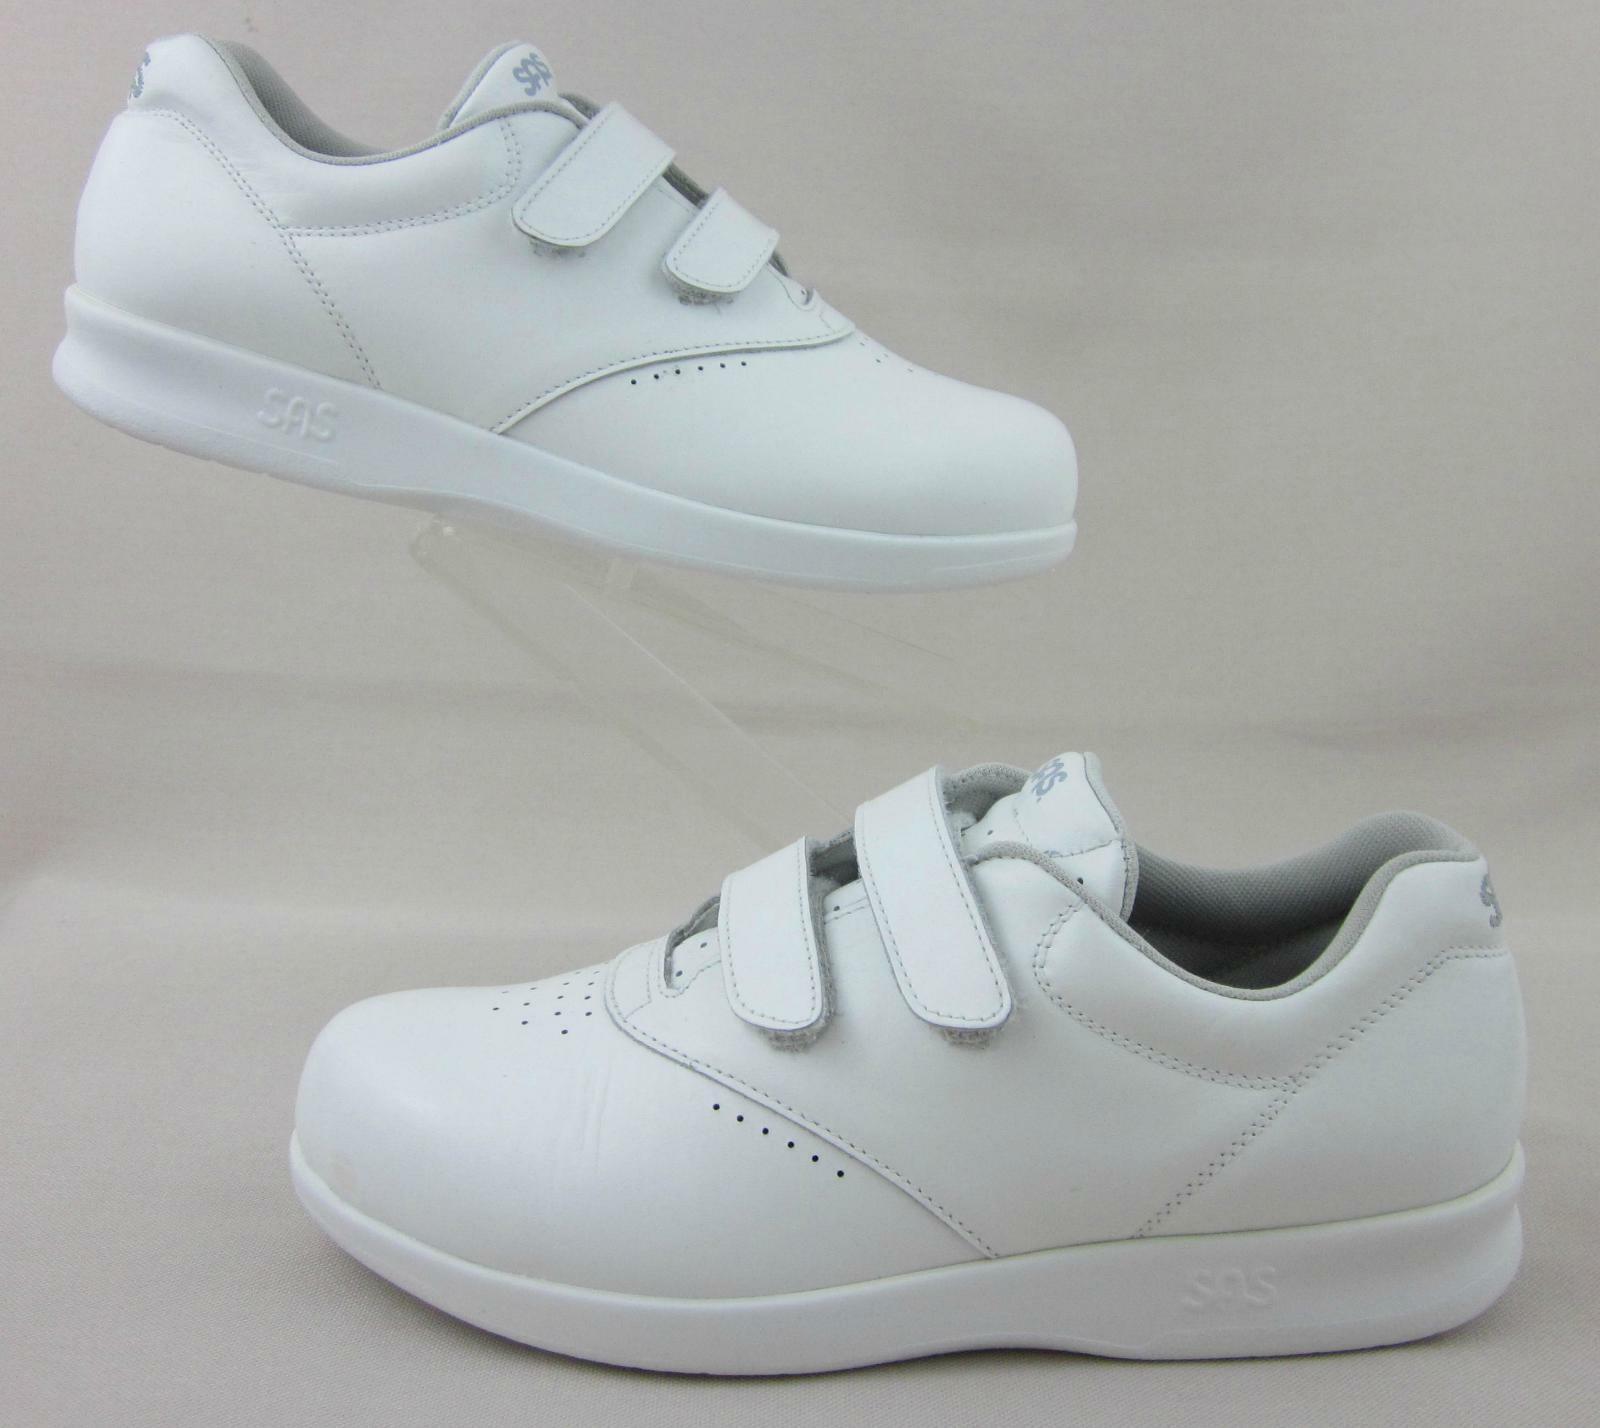 SAS 'MEE demasiado' ez Correa De Piel blancoa Comodidad Zapatos US 8.5M fantásticos